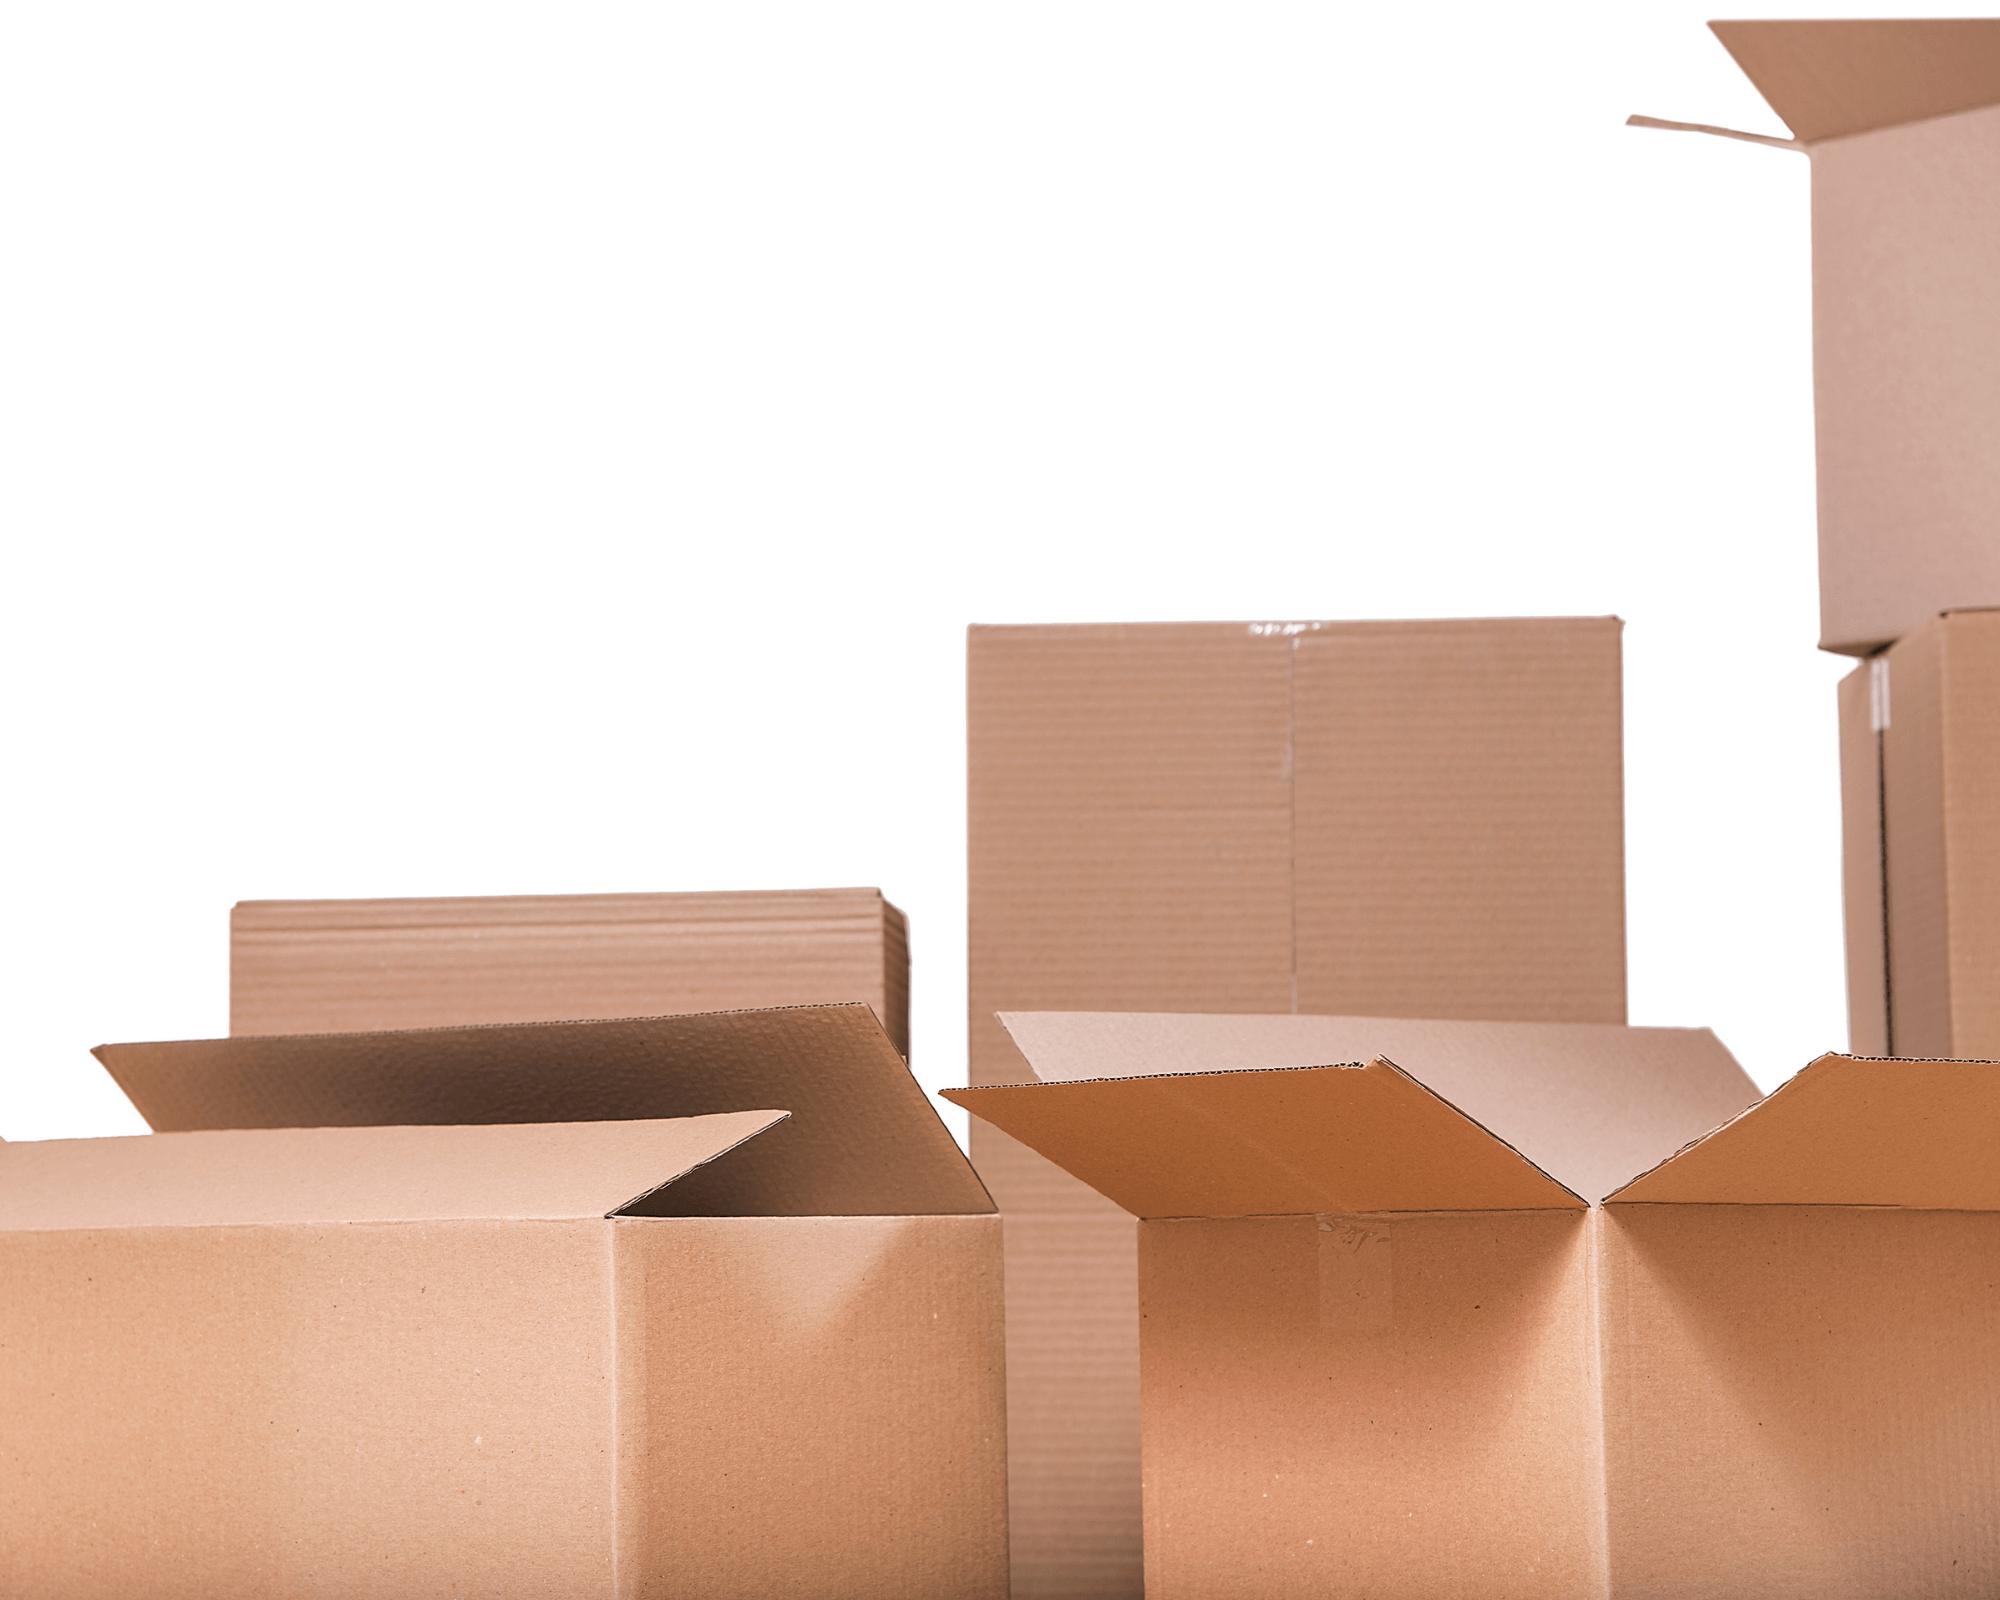 varias cajas grandes de cartón reciclado